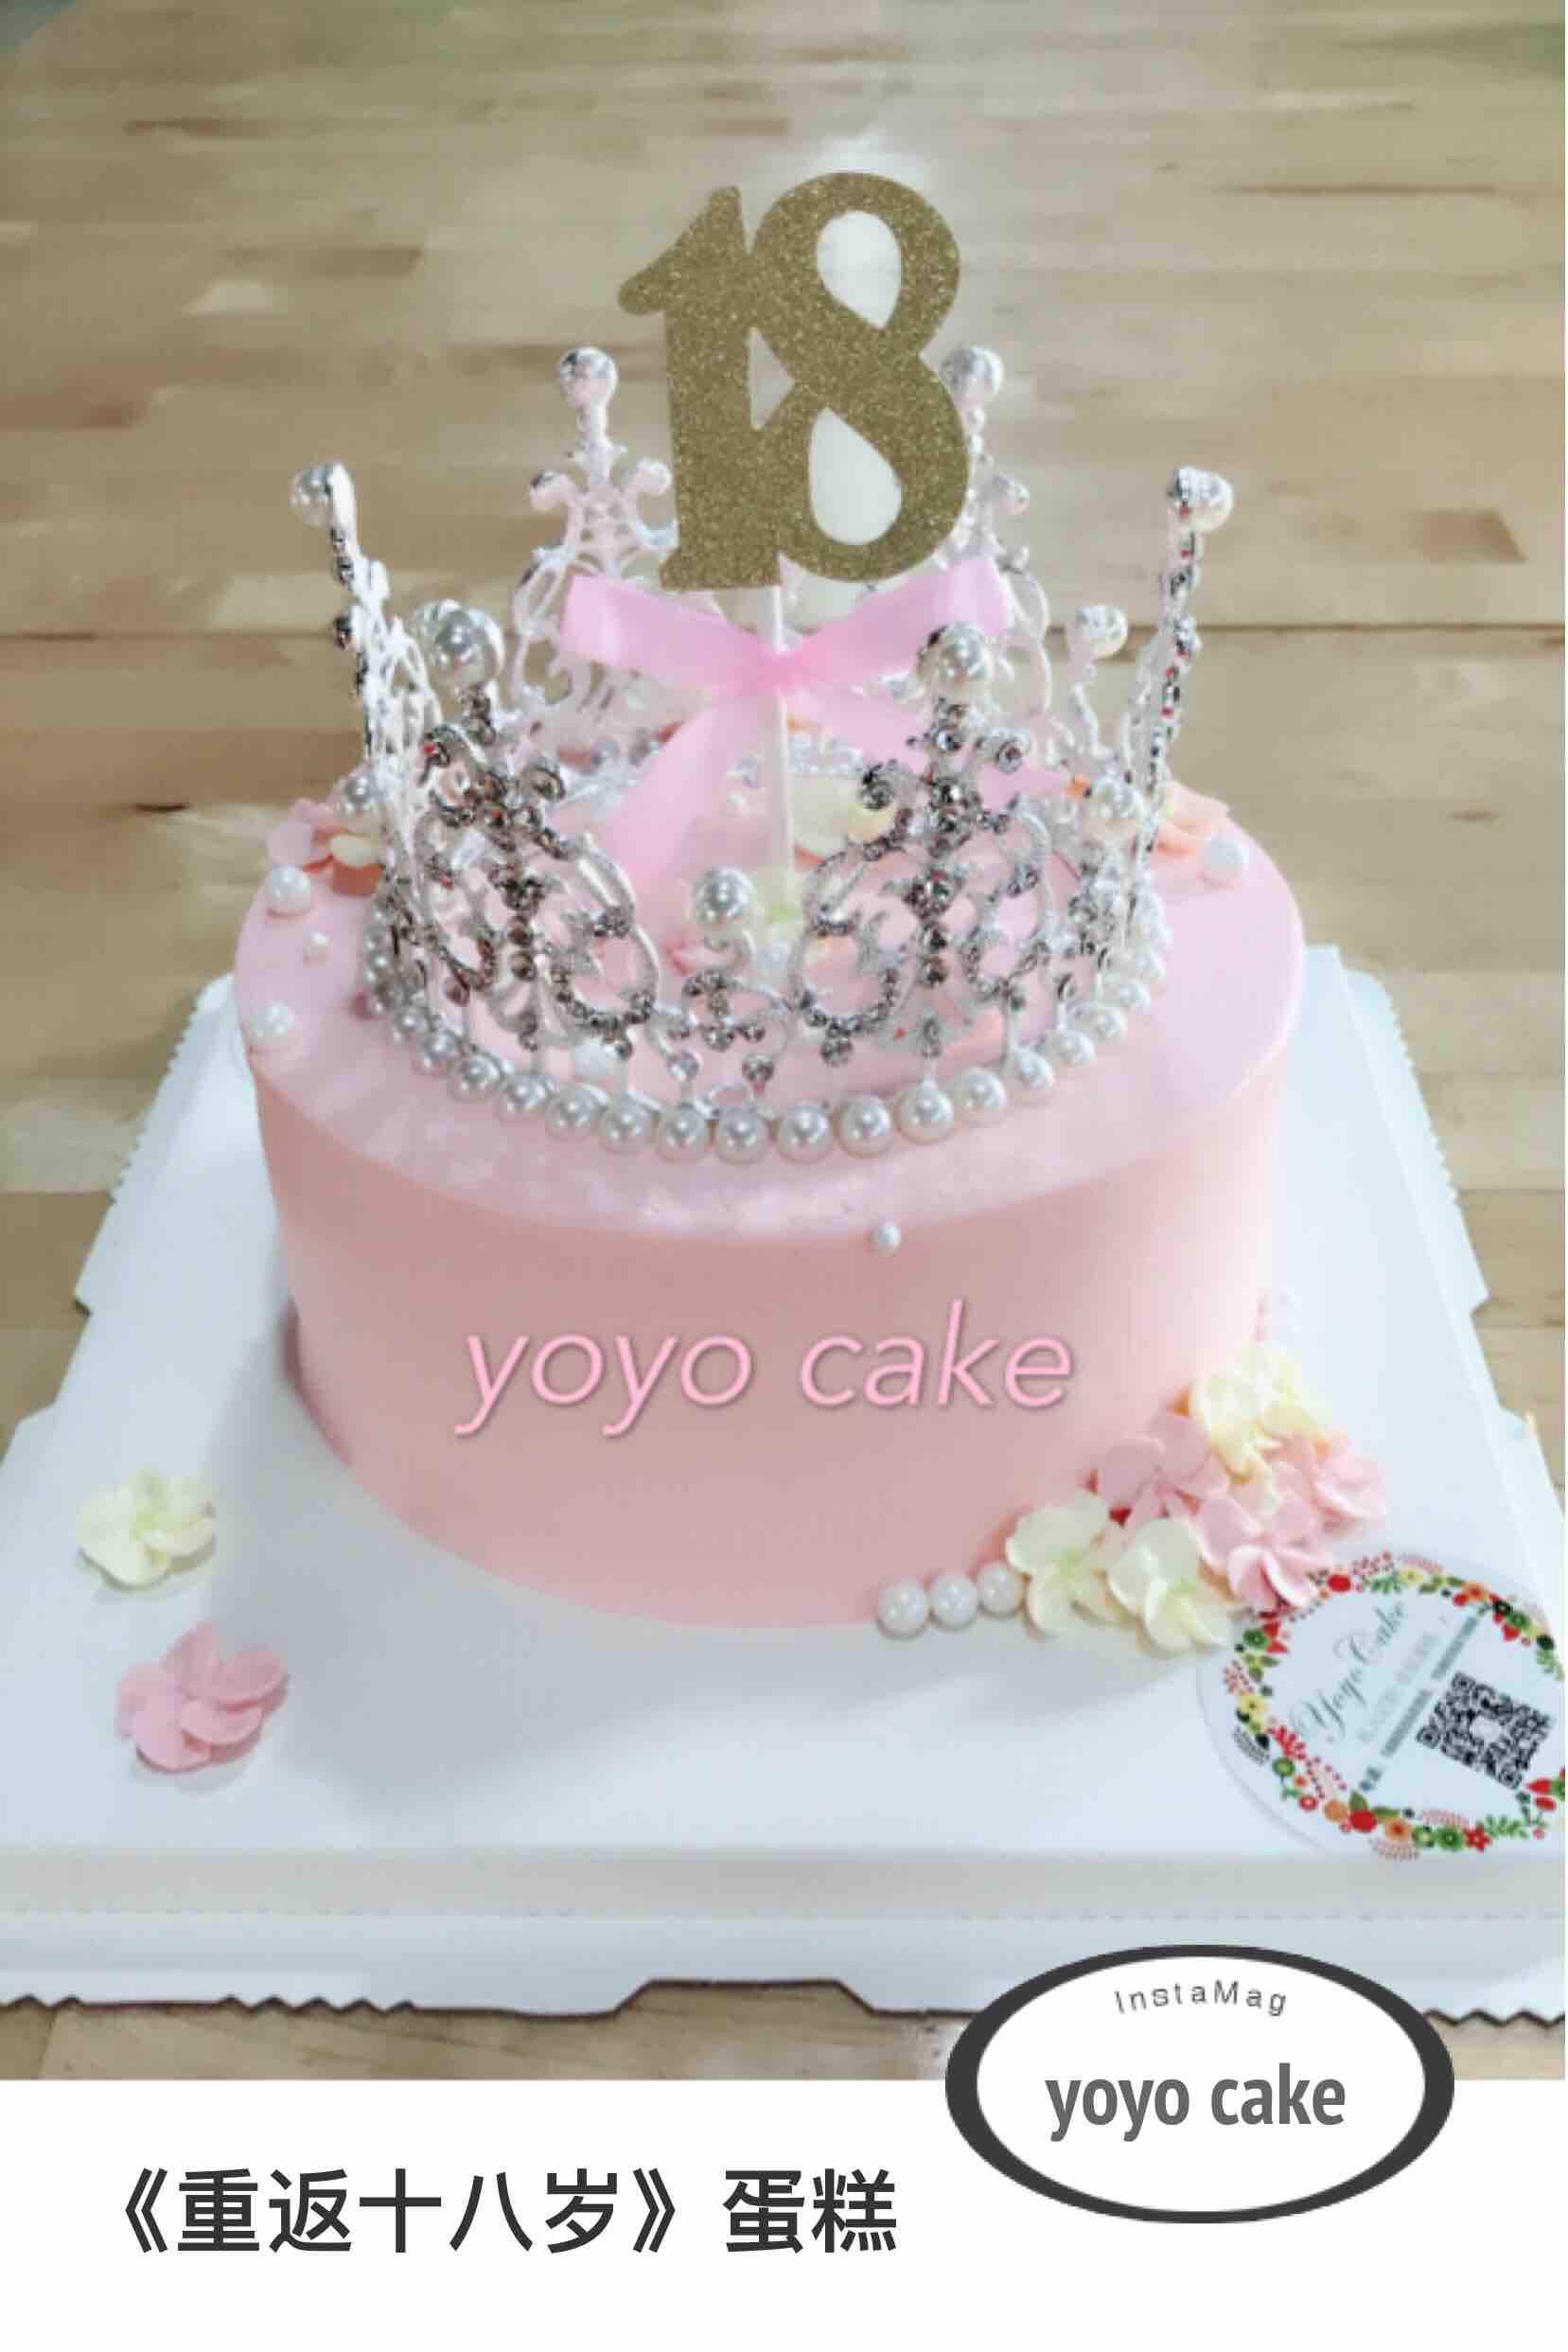 十八岁蛋糕_u店上新《重返十八岁》